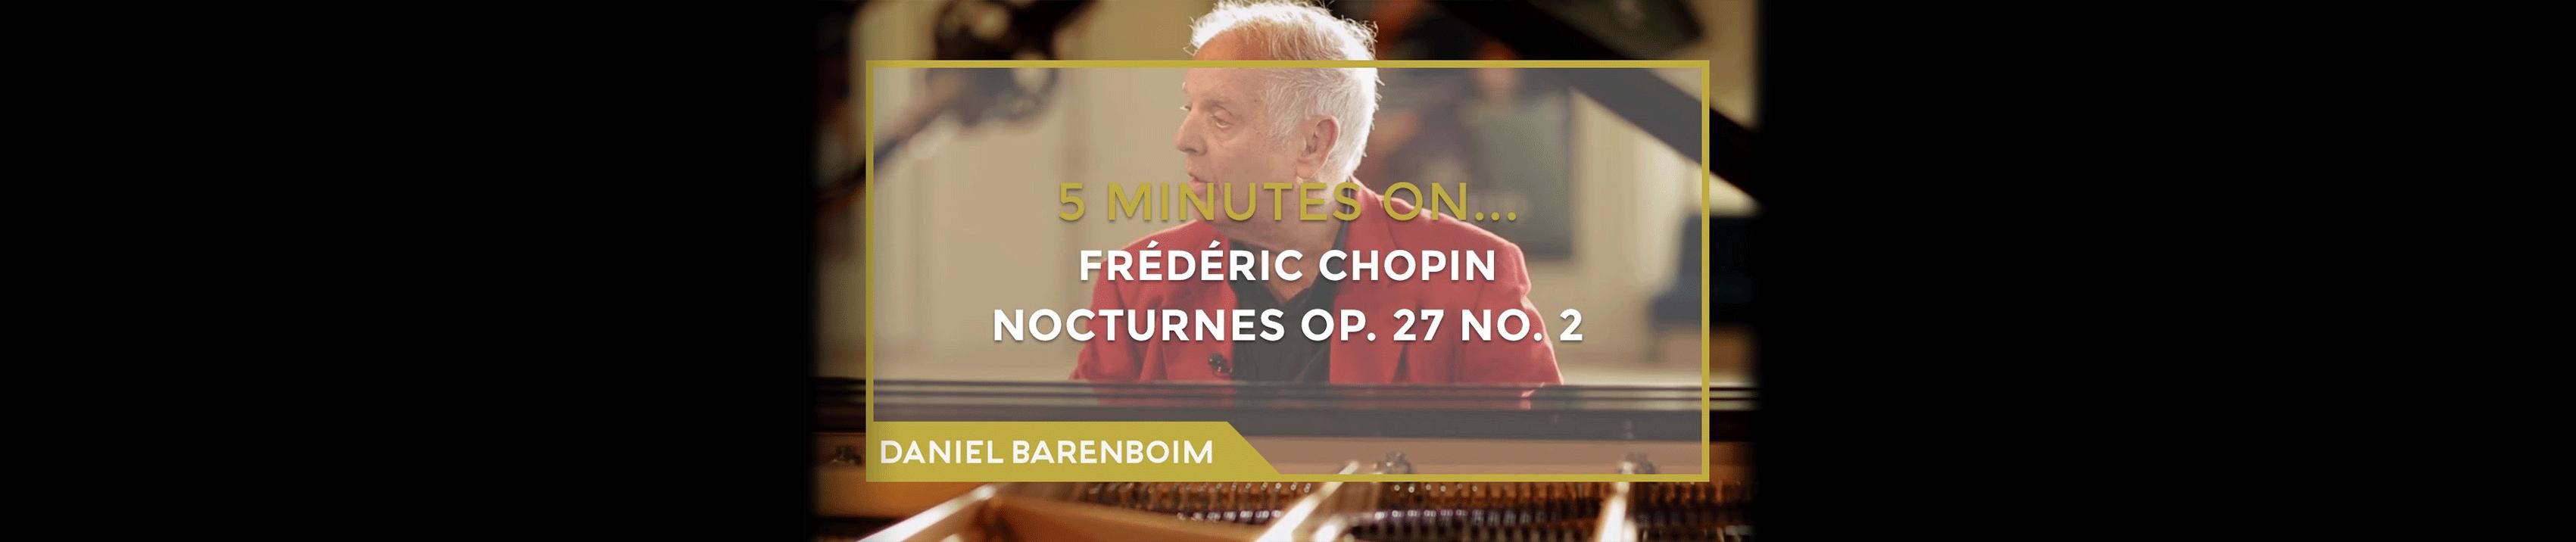 Daniel Barenboim, Chopin's Nocturne Op. 27 No. 2